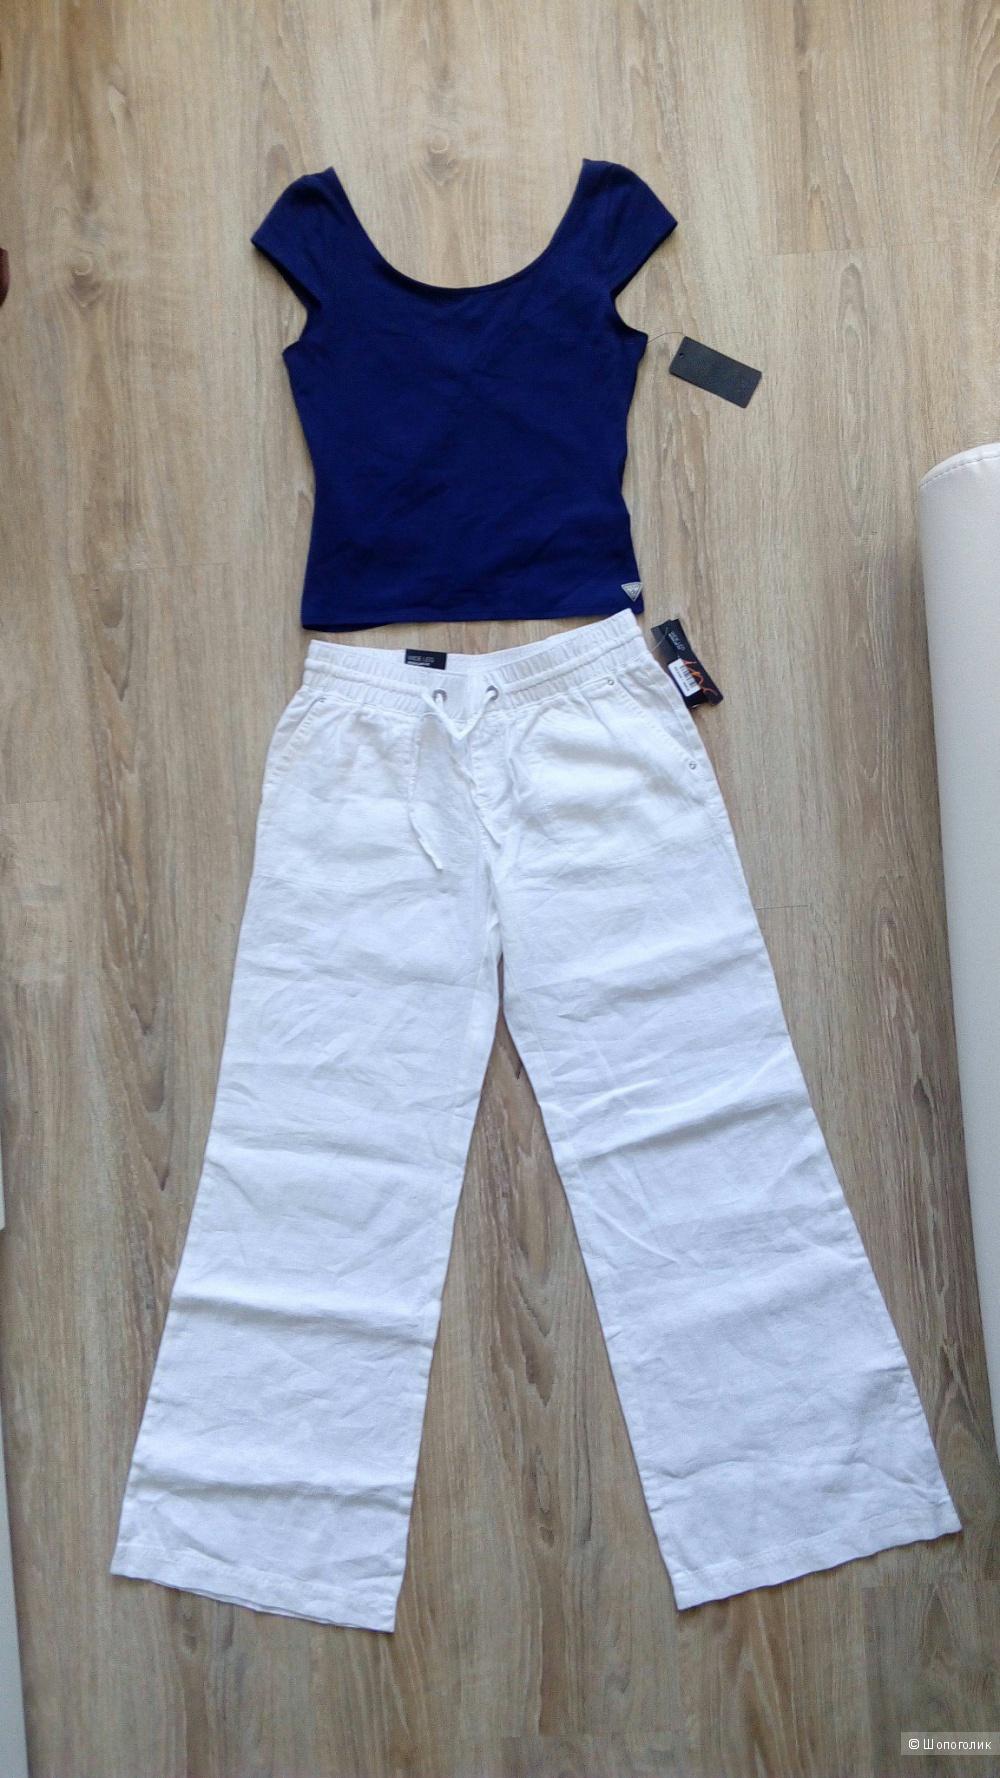 Лот топ Guess + шорты Jolt, размер S